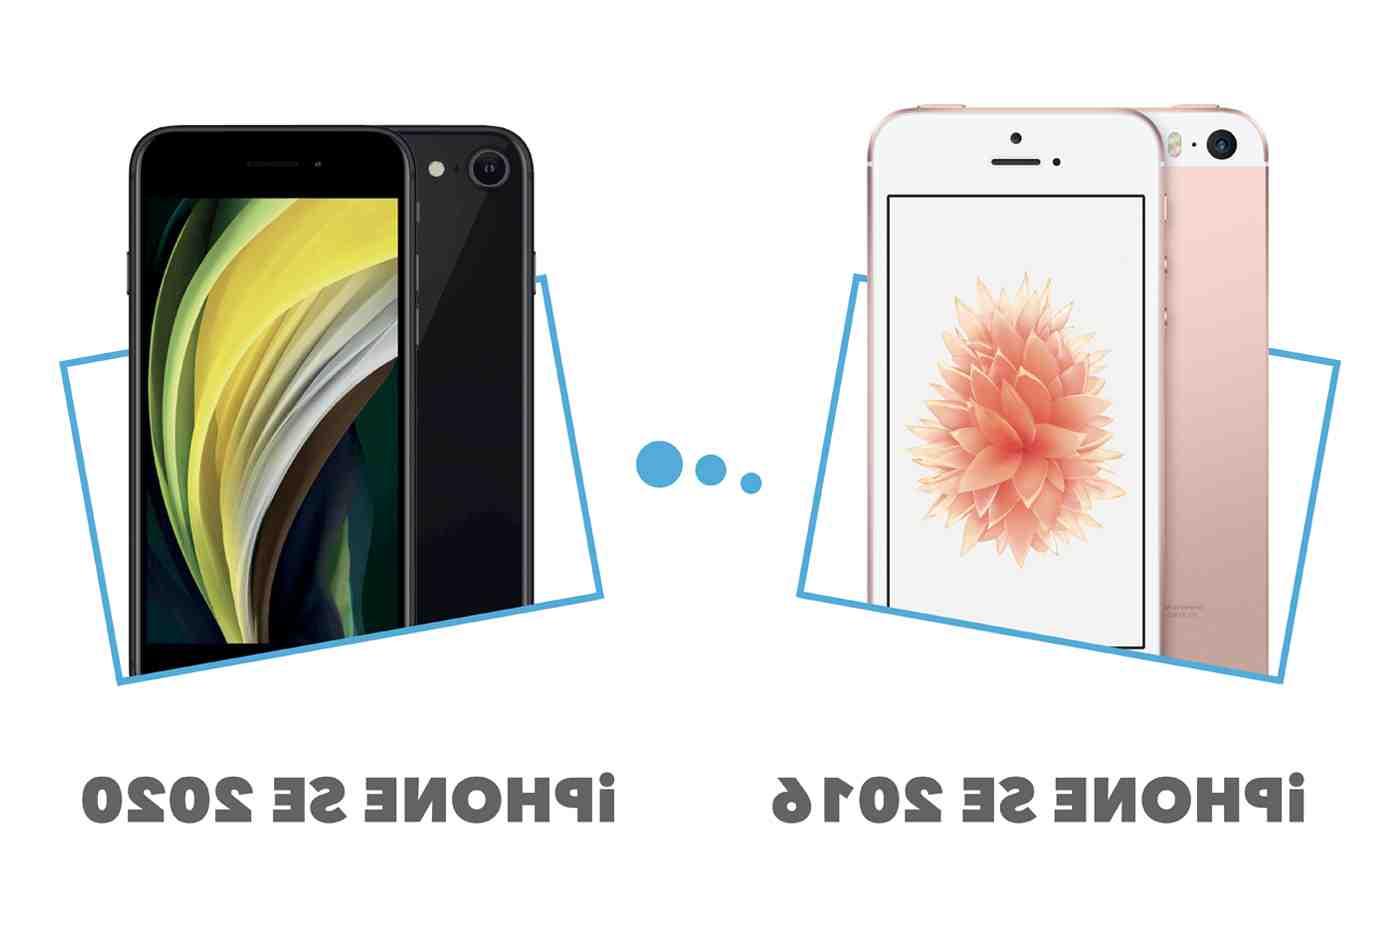 L'iphone 5 et le 5s ont-ils la même taille ?